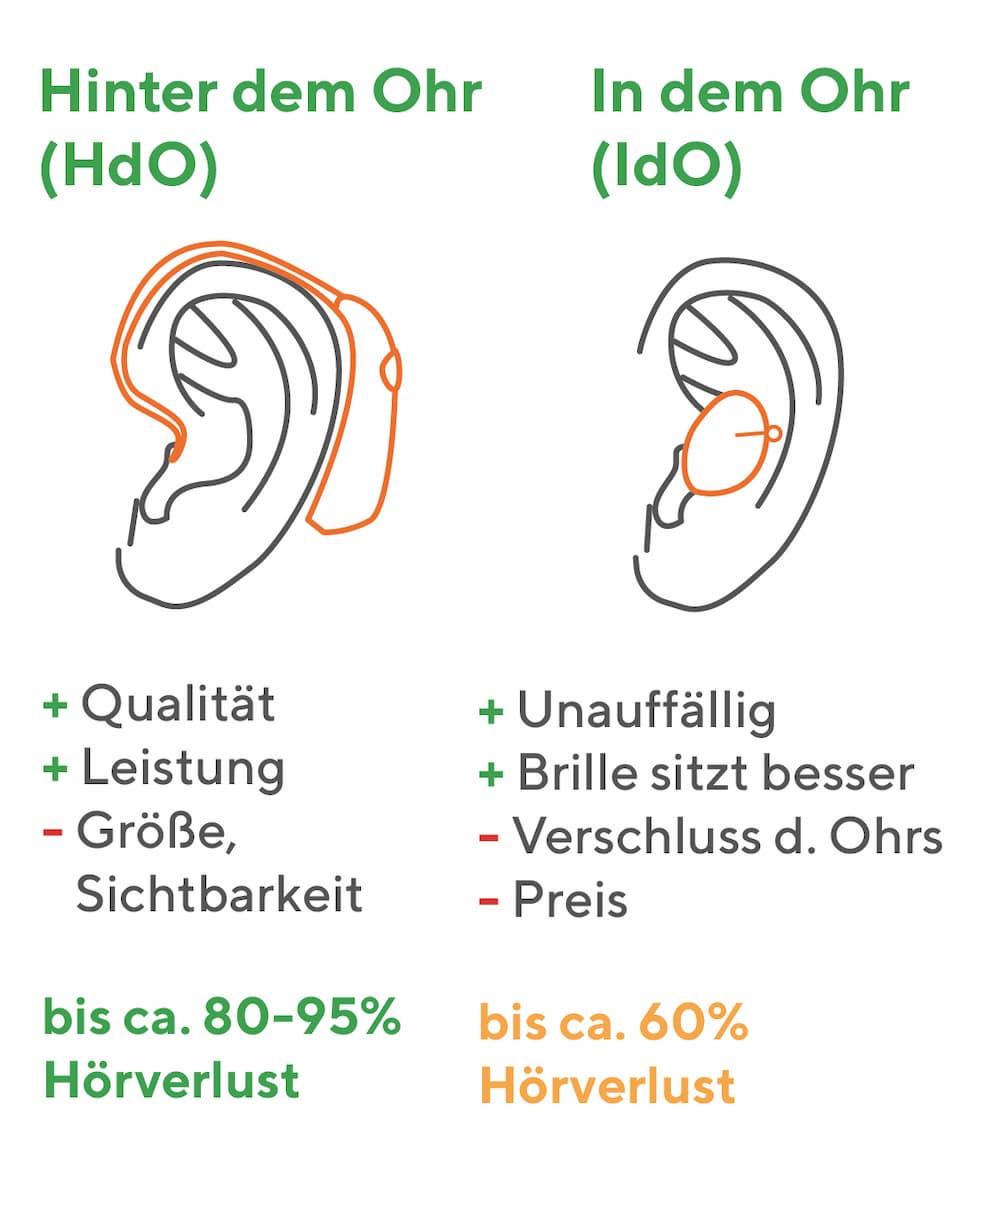 Hörgeräte: Hinter dem Ohr und In dem Ohr